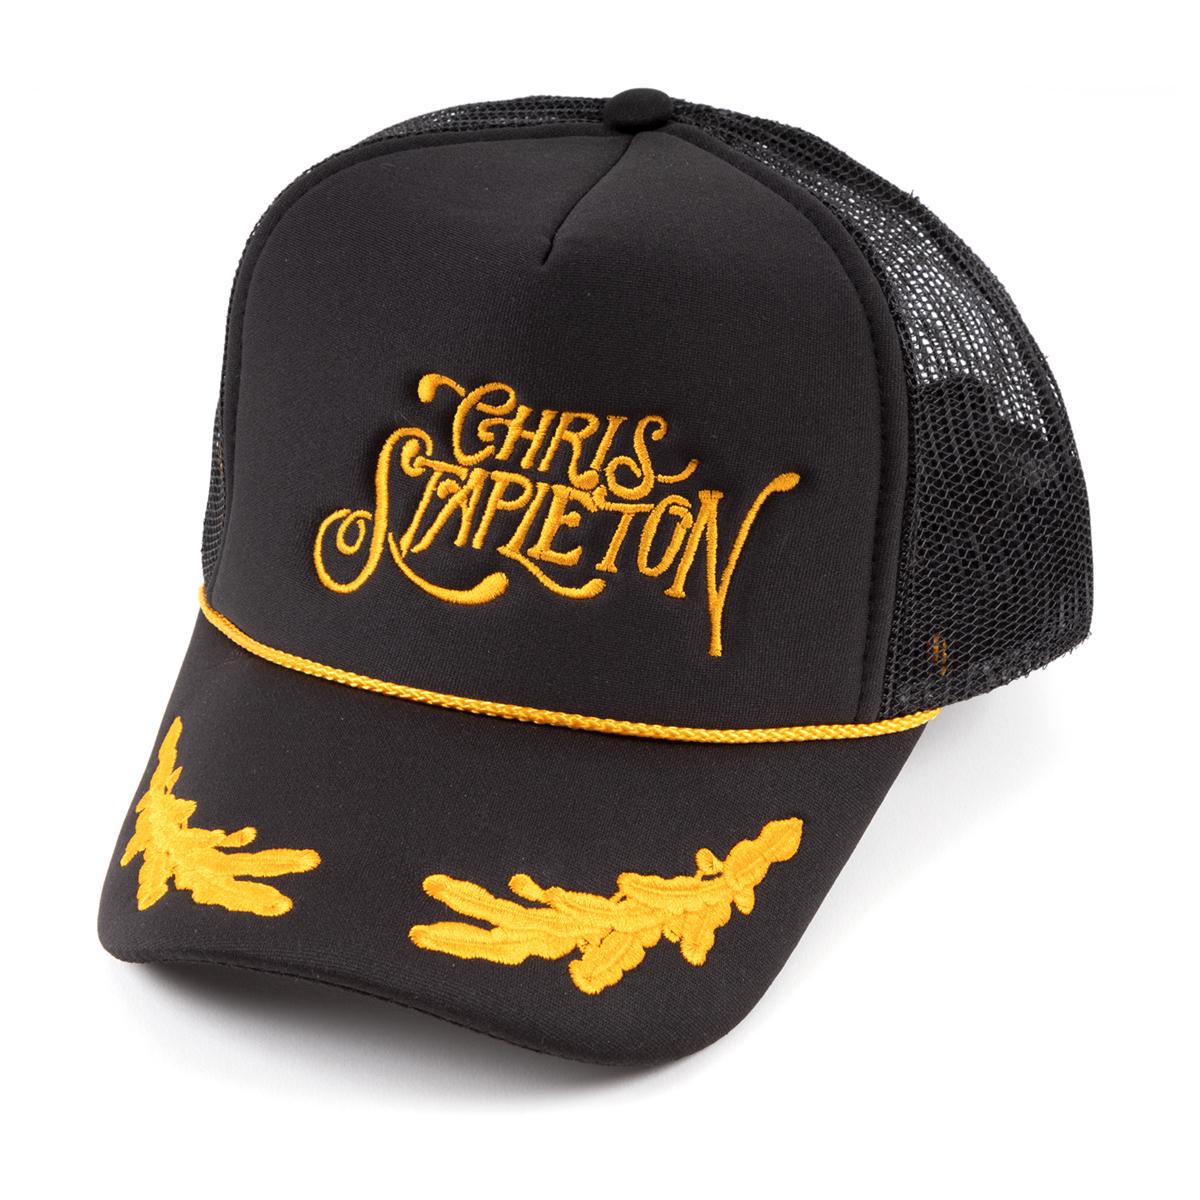 Stapleton Script w/ Gold Leaves Mesh Trucker Hat